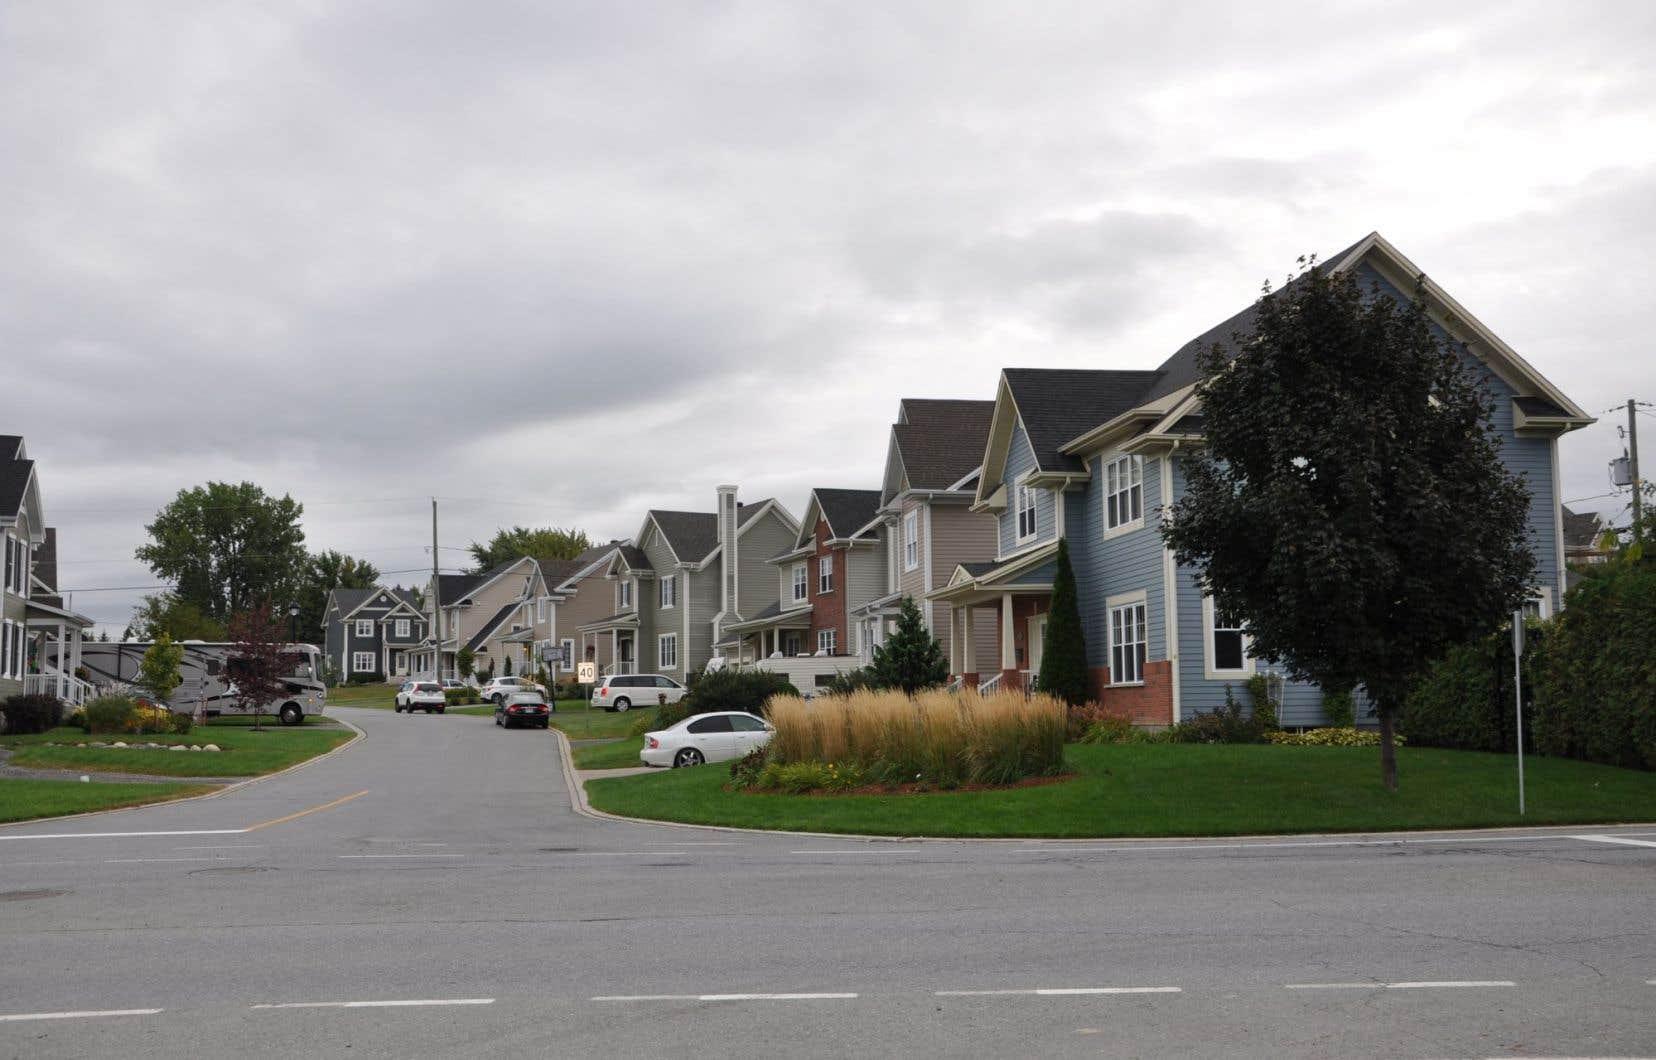 Selon la coresponsable de l'Observatoire de la mobilité durable de l'Université de Montréal, Paula Negron, il est possible de revoir l'aménagement des banlieues pour encourager les déplacemements sans automobile.